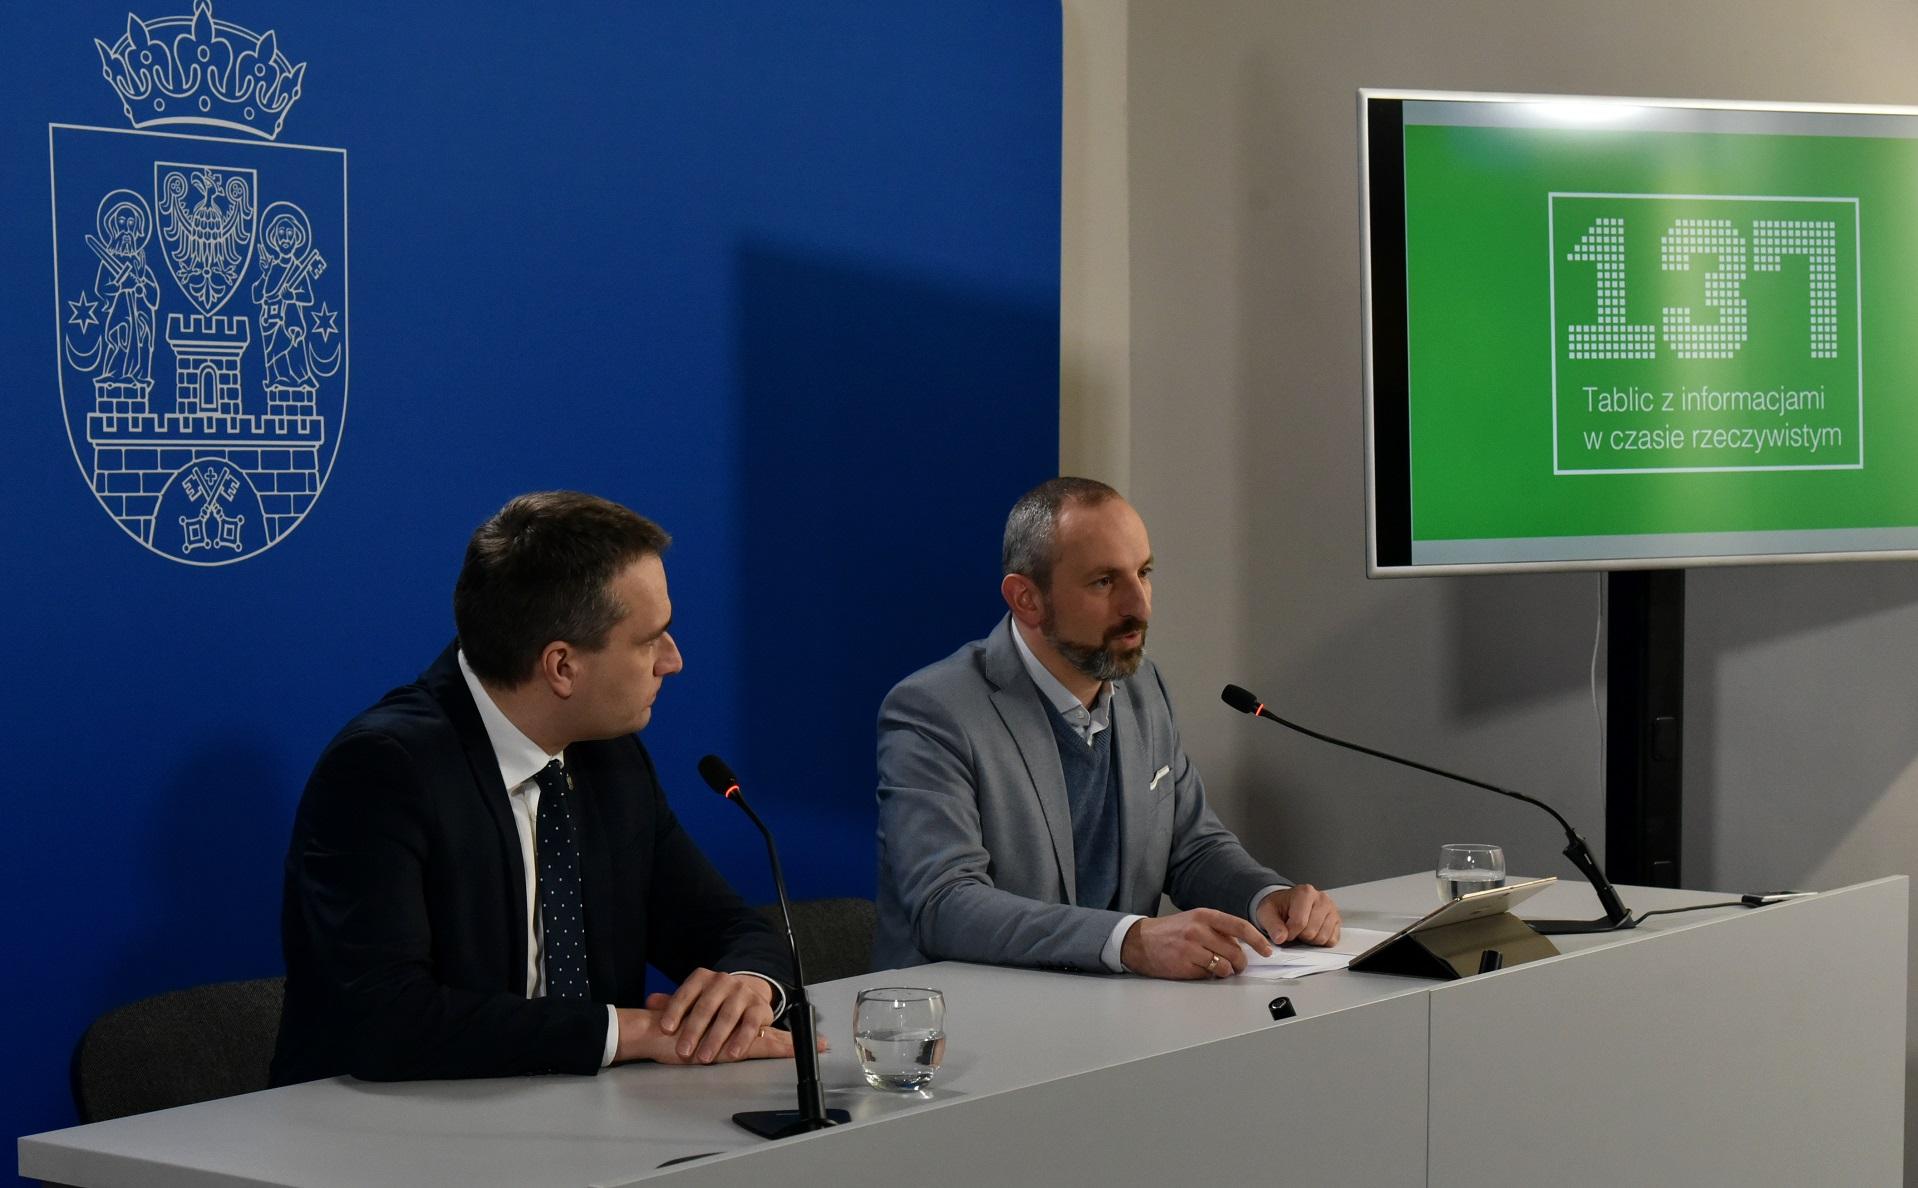 Zarząd Transportu Miejskiego podpisał umowę na dostawę i montaż 20 tablic, planowane jest przeprowadzenie i rozstrzygnięcie postępowania na dostawę i montaż kolejnych 20 tablic (fot. poznan.pl)